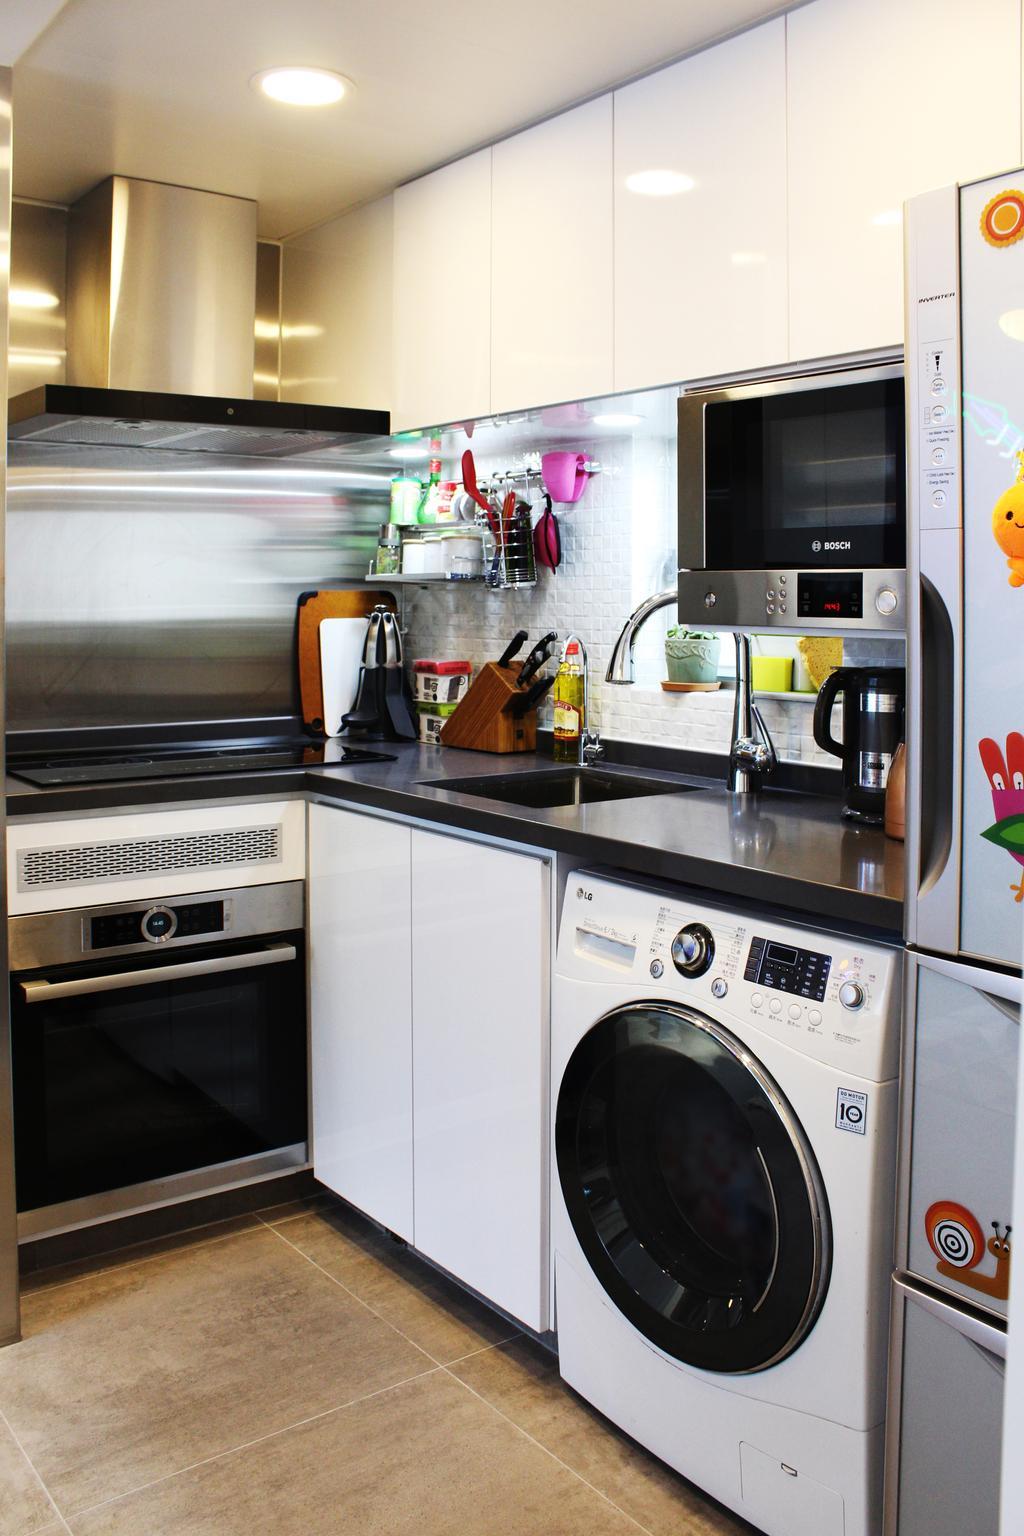 摩登, 私家樓, 廚房, 沙田第一城, 室內設計師, CREATIVE Interior Design Engineering, 隨性, Sink, Appliance, Electrical Device, Oven, Microwave, Washer, Bottle